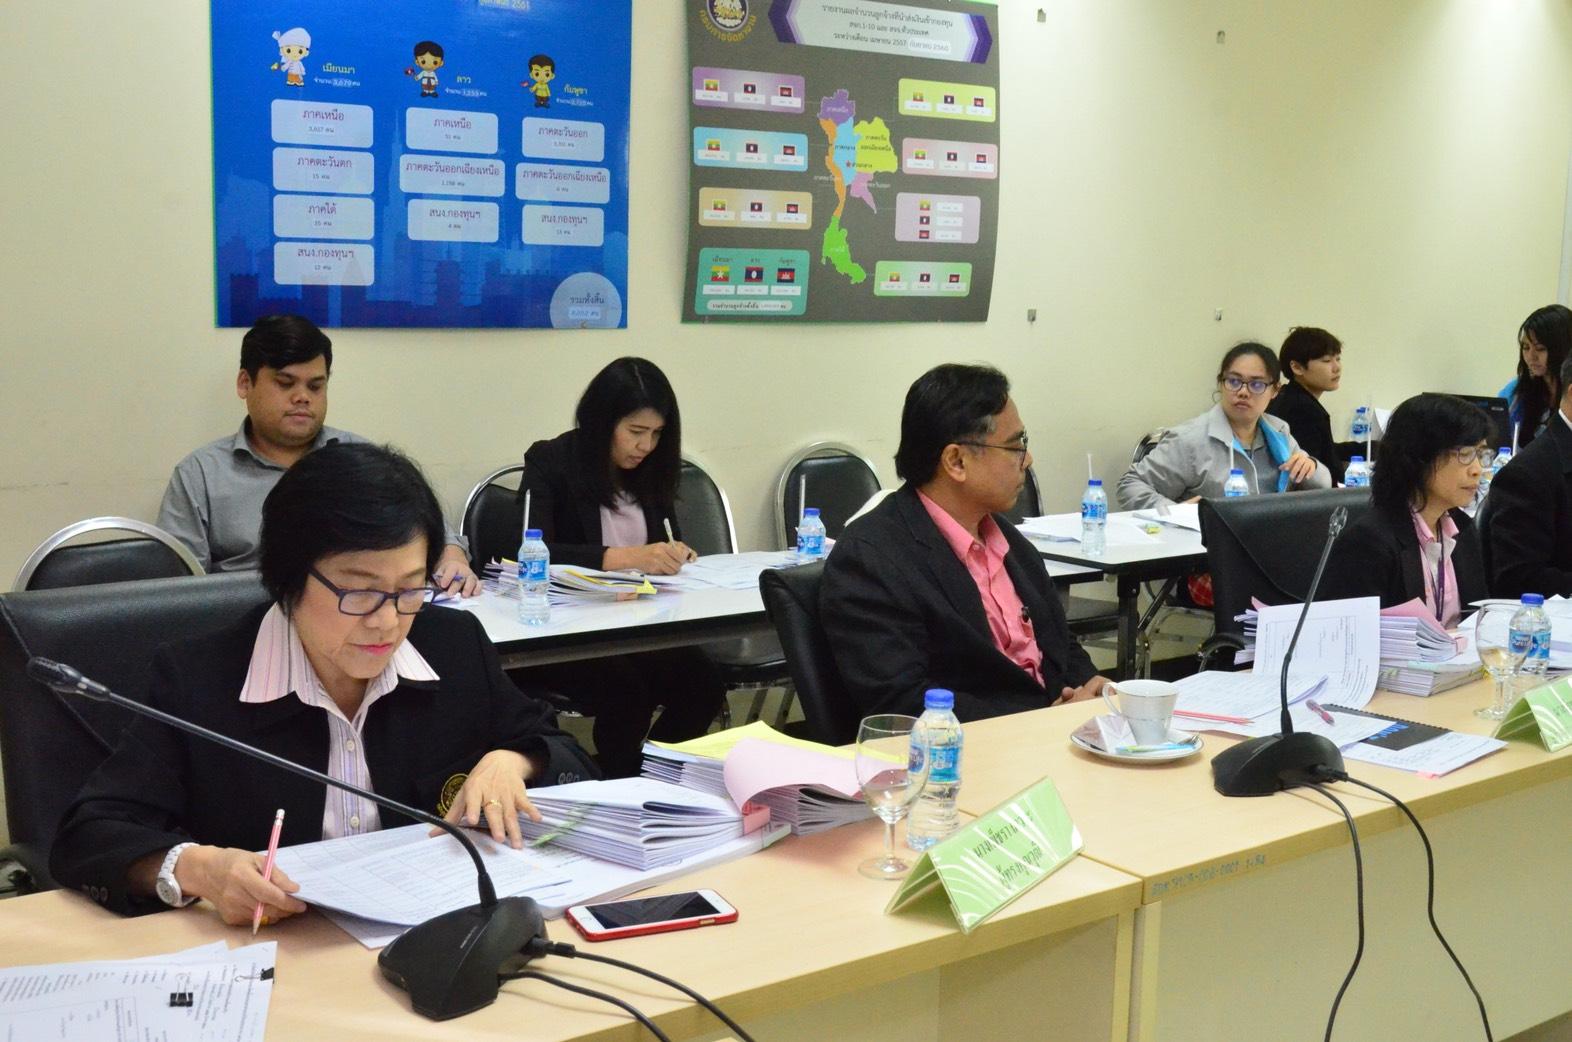 กกจ.จัดประชุมคณะอนุกรรมการพิจารณากลั่นกรองการจัดสรรเงินกองทุนเพื่อการบริหารจัดการการทำงานของคนต่างด้าว ครั้งที่ 10/2561